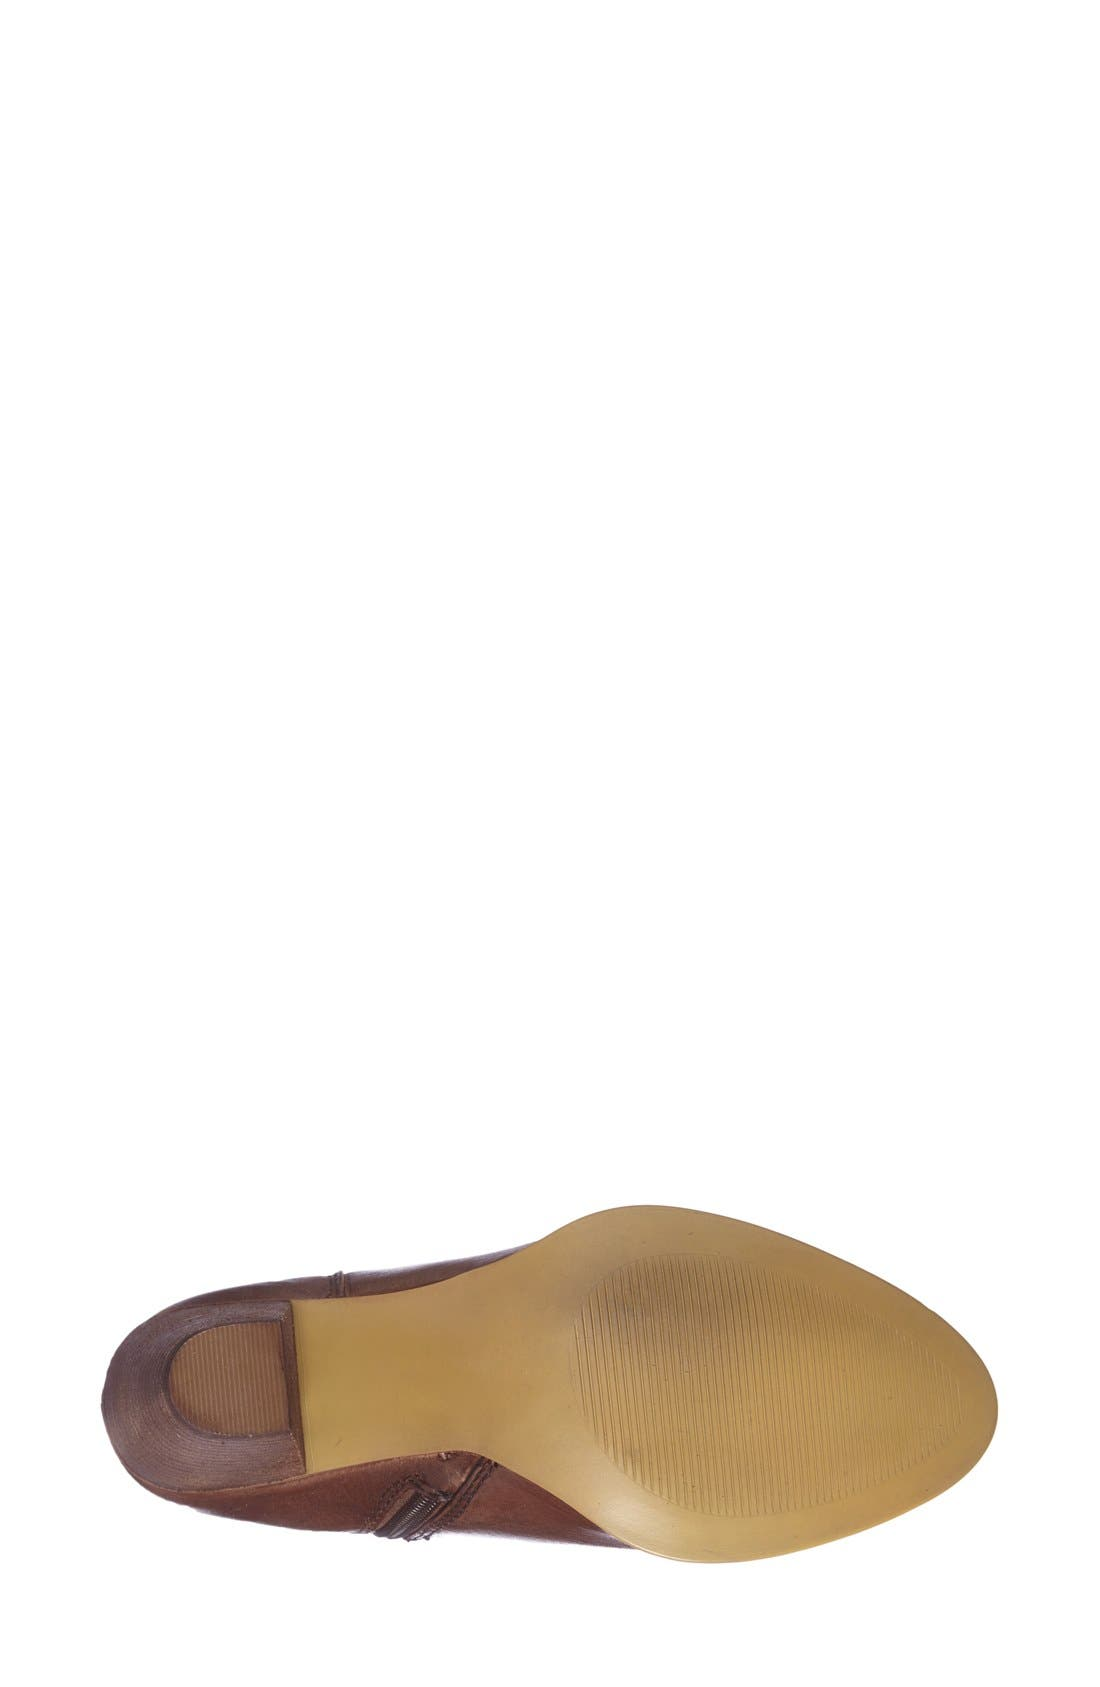 Alternate Image 4  - Steven by Steve Madden 'Roami' Ankle Bootie(Women)